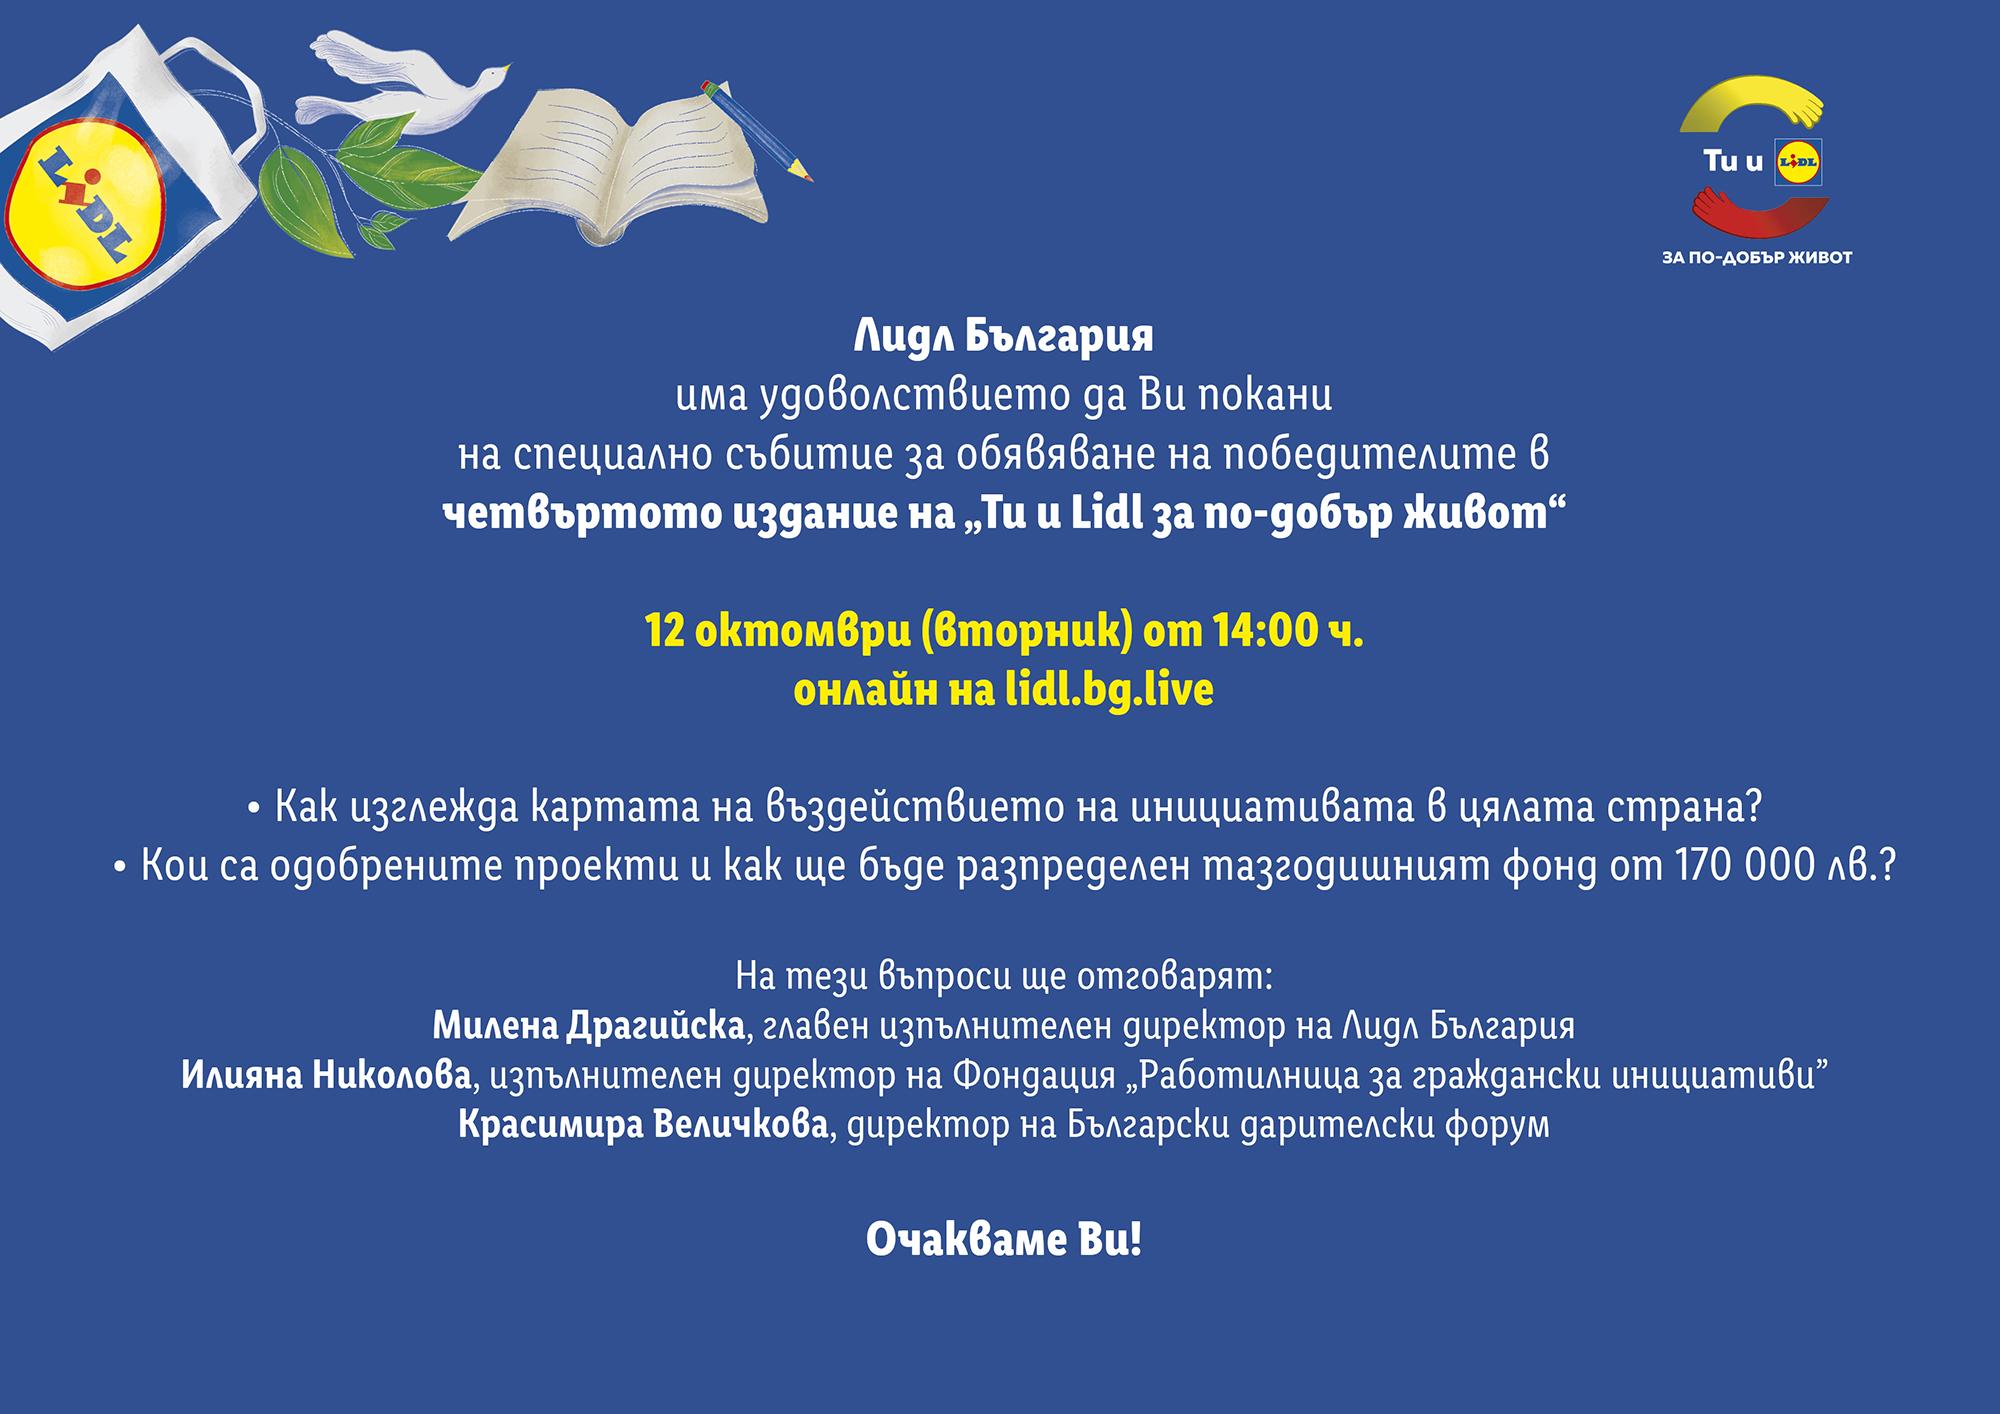 You_and_Lidl_Pokana_web_6.jpg